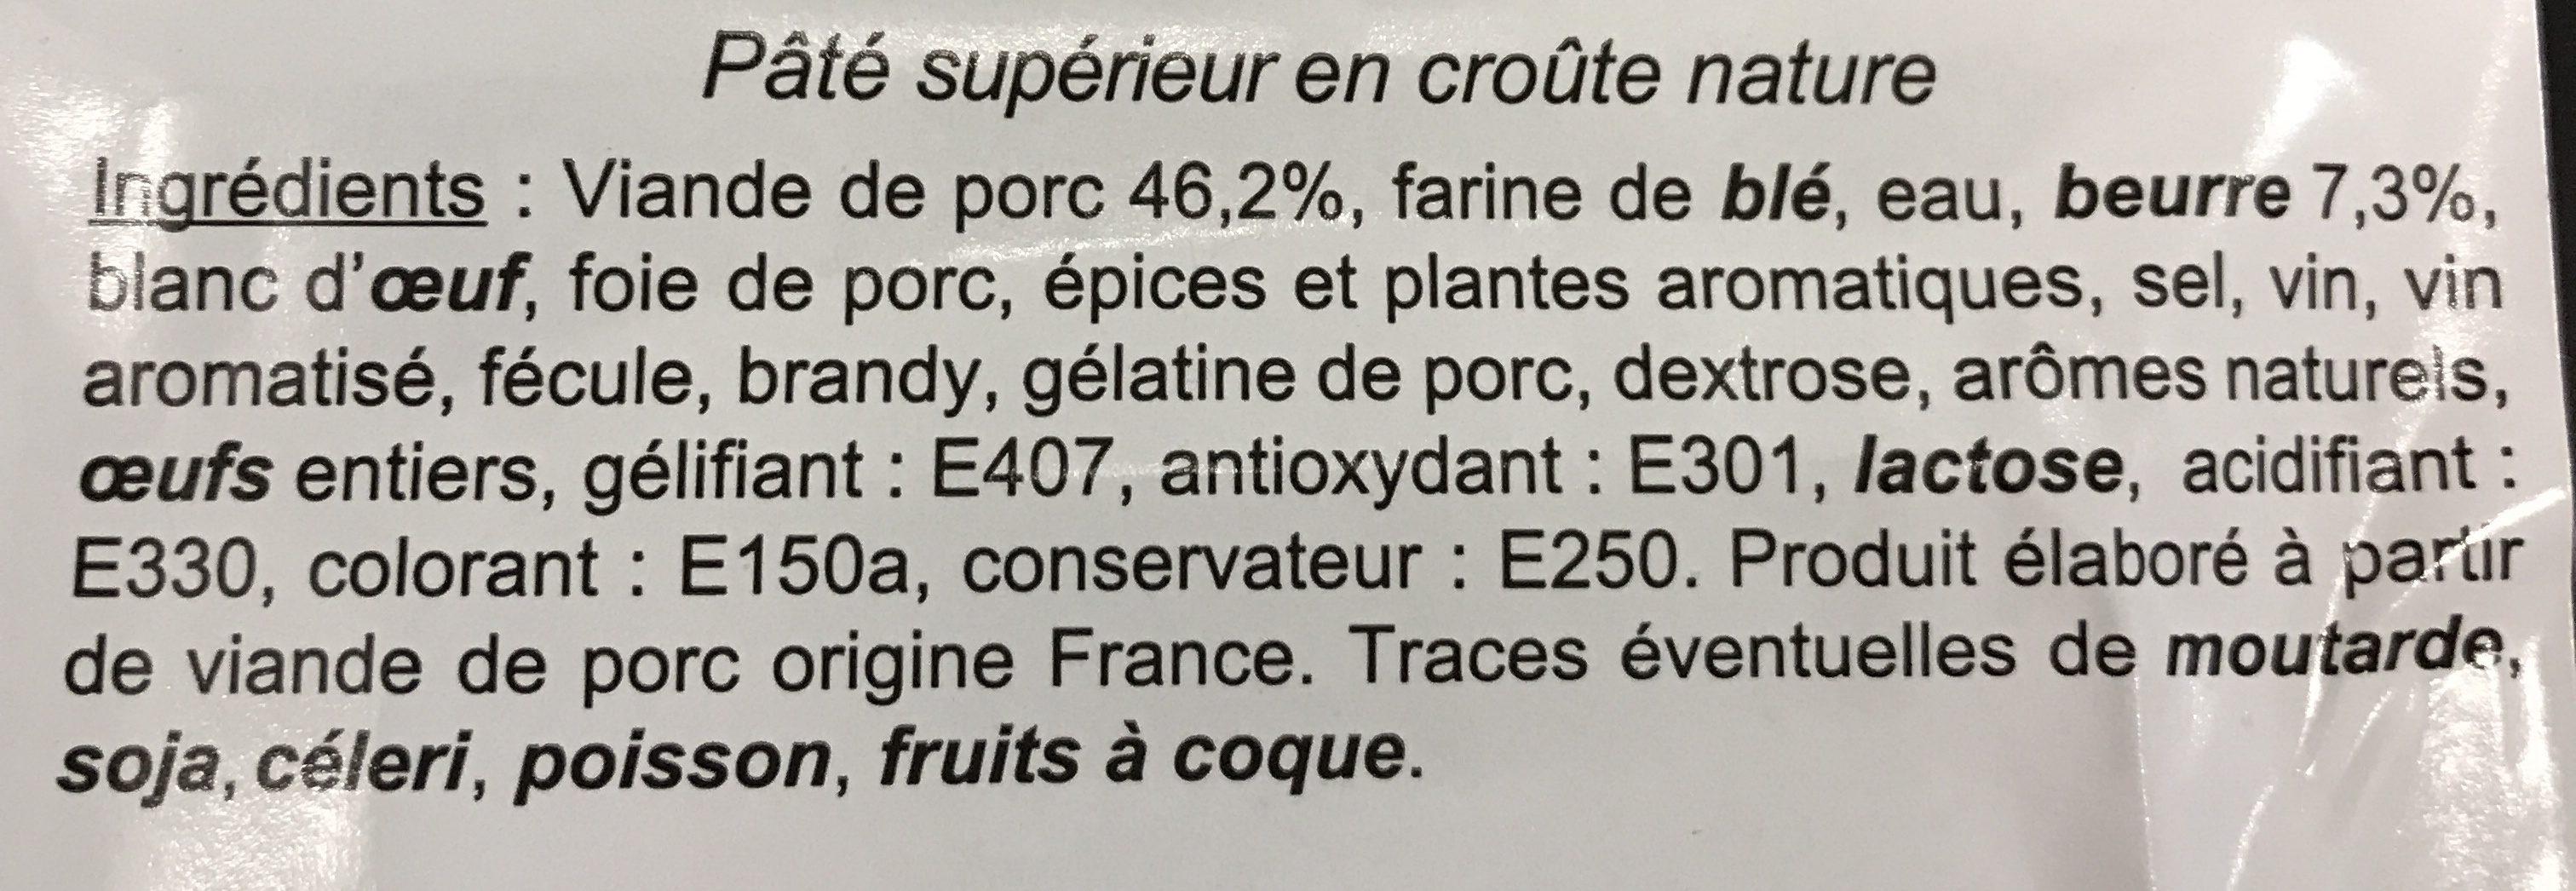 Paté en croute - Ingredients - fr